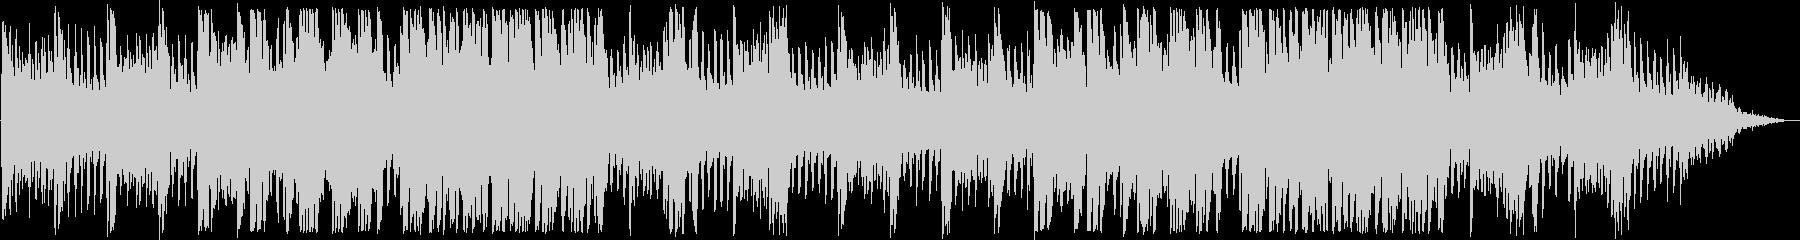 ドキドキ感のあるピアノなどのサウンドの未再生の波形